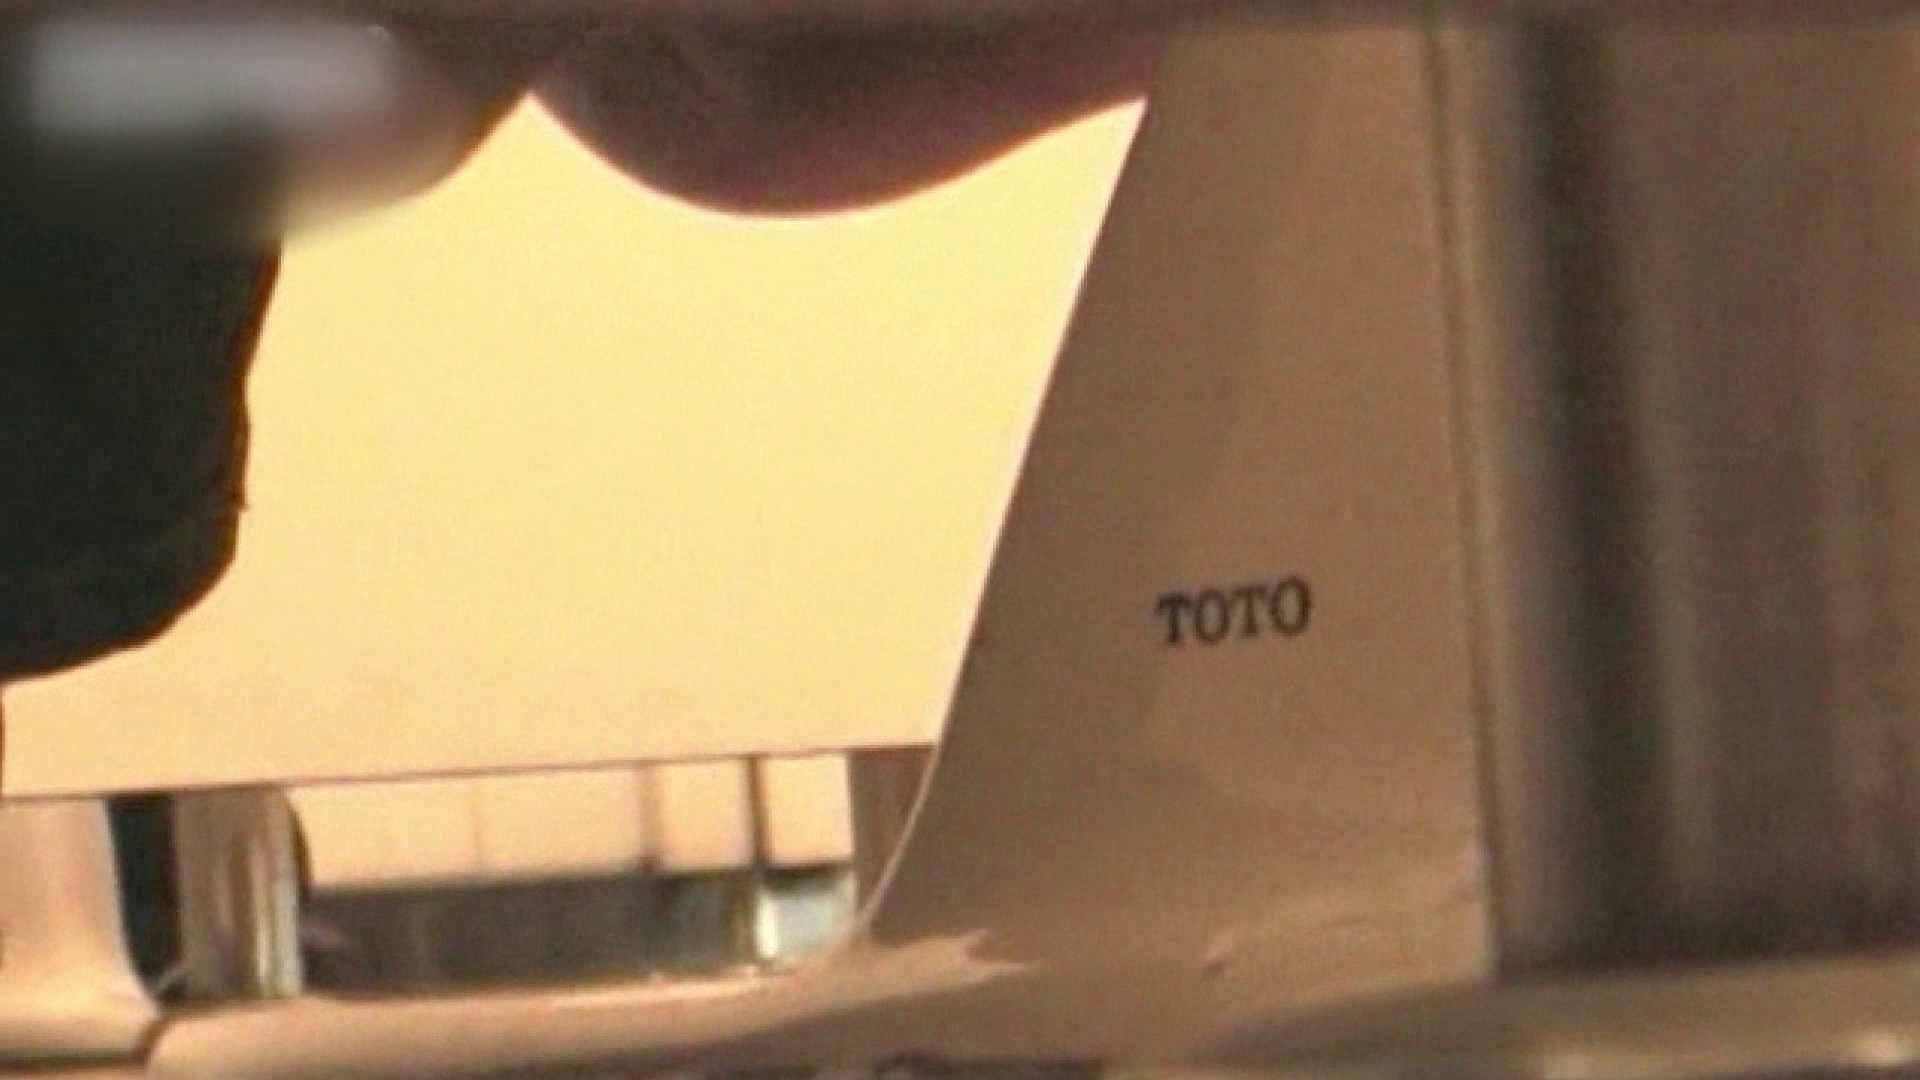 ロックハンドさんの盗撮記録File.28 マンコ・ムレムレ アダルト動画キャプチャ 104pic 51